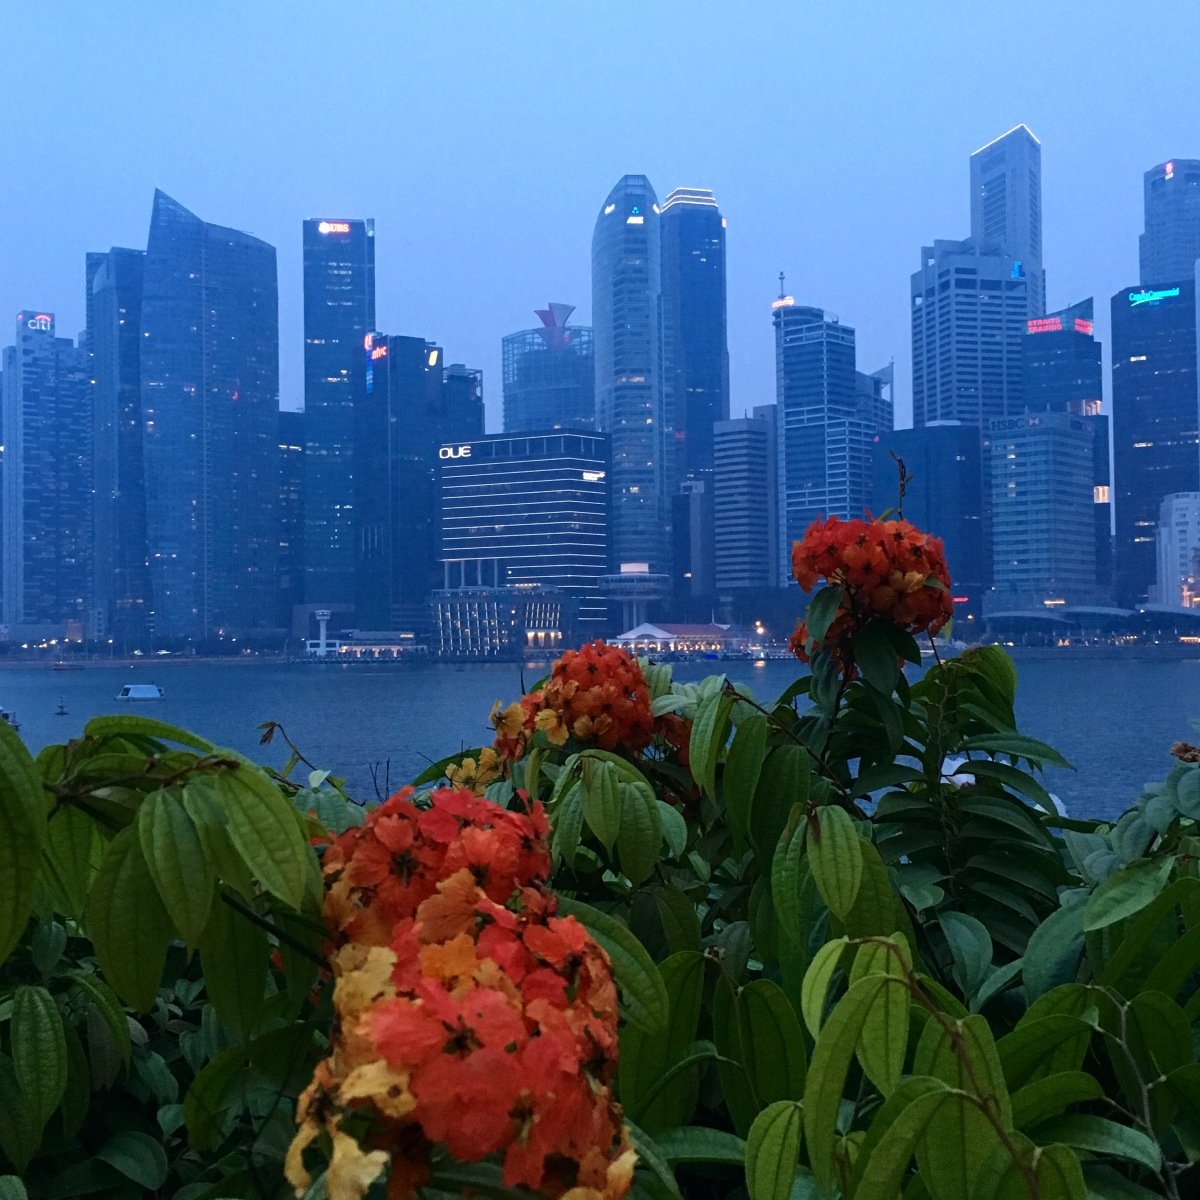 Trovare casa a singapore tutto quello che c da sapere quando torni - Trovare casa a malta ...